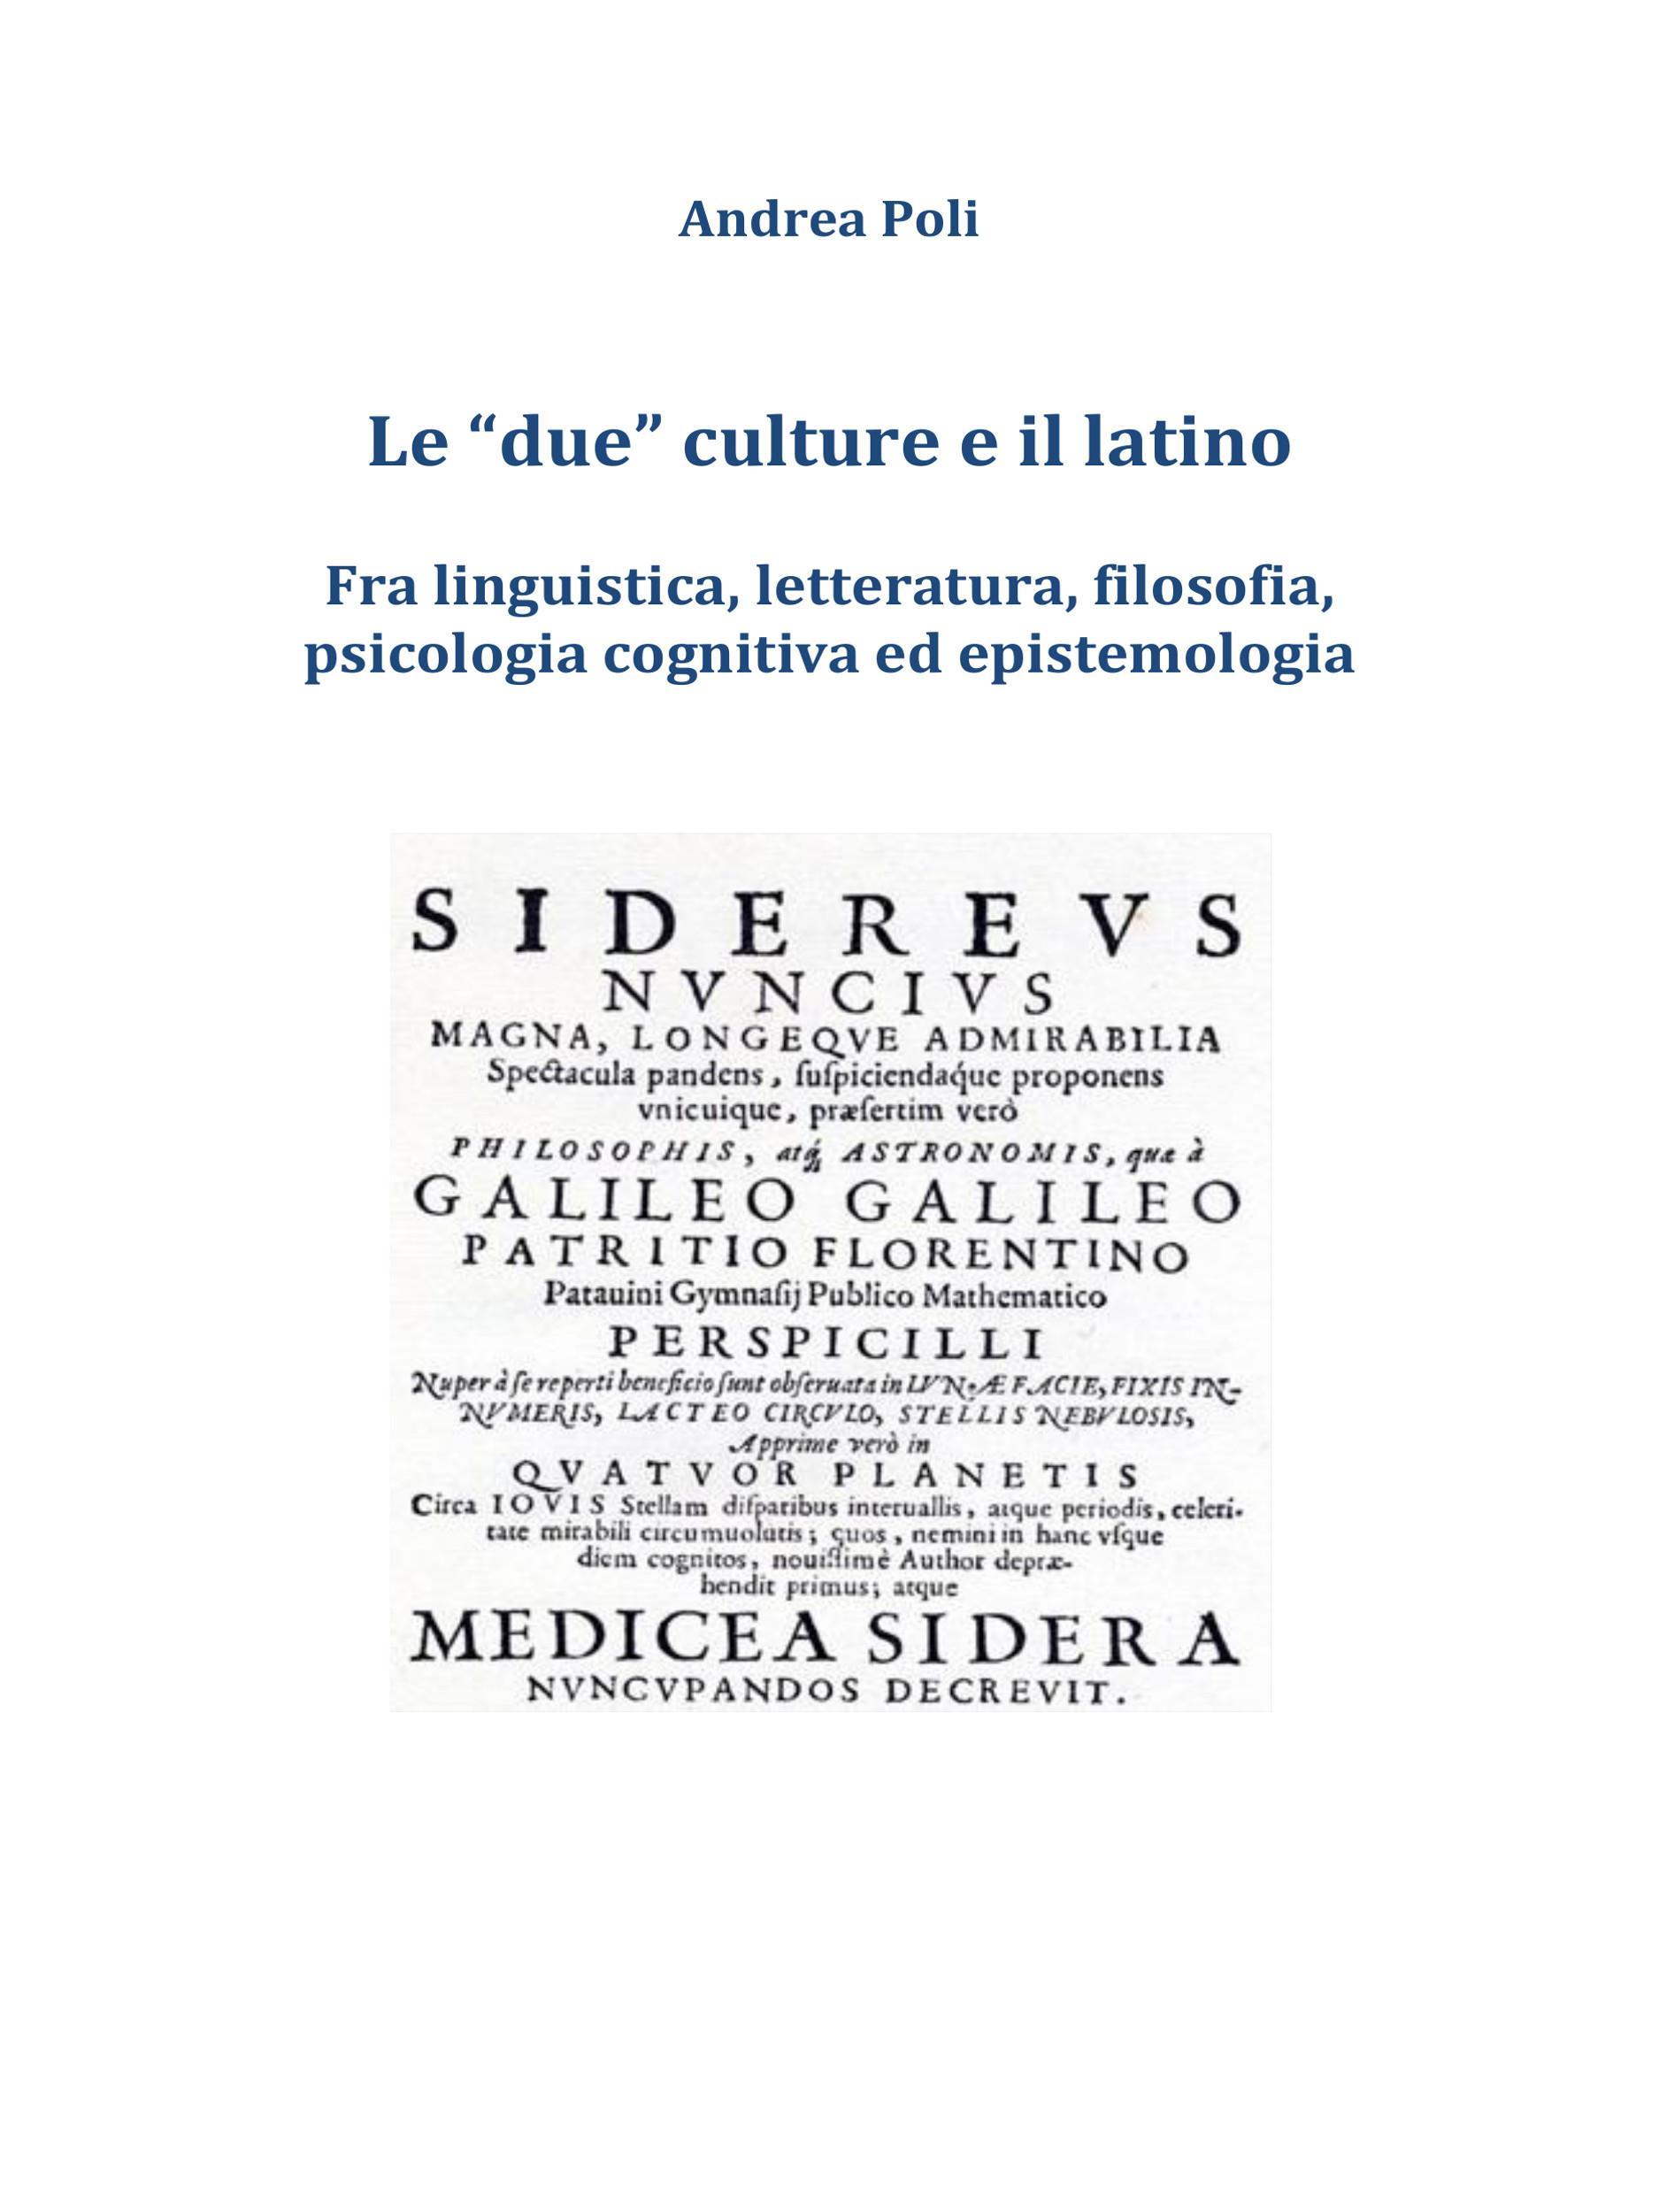 Le due culture e il latino